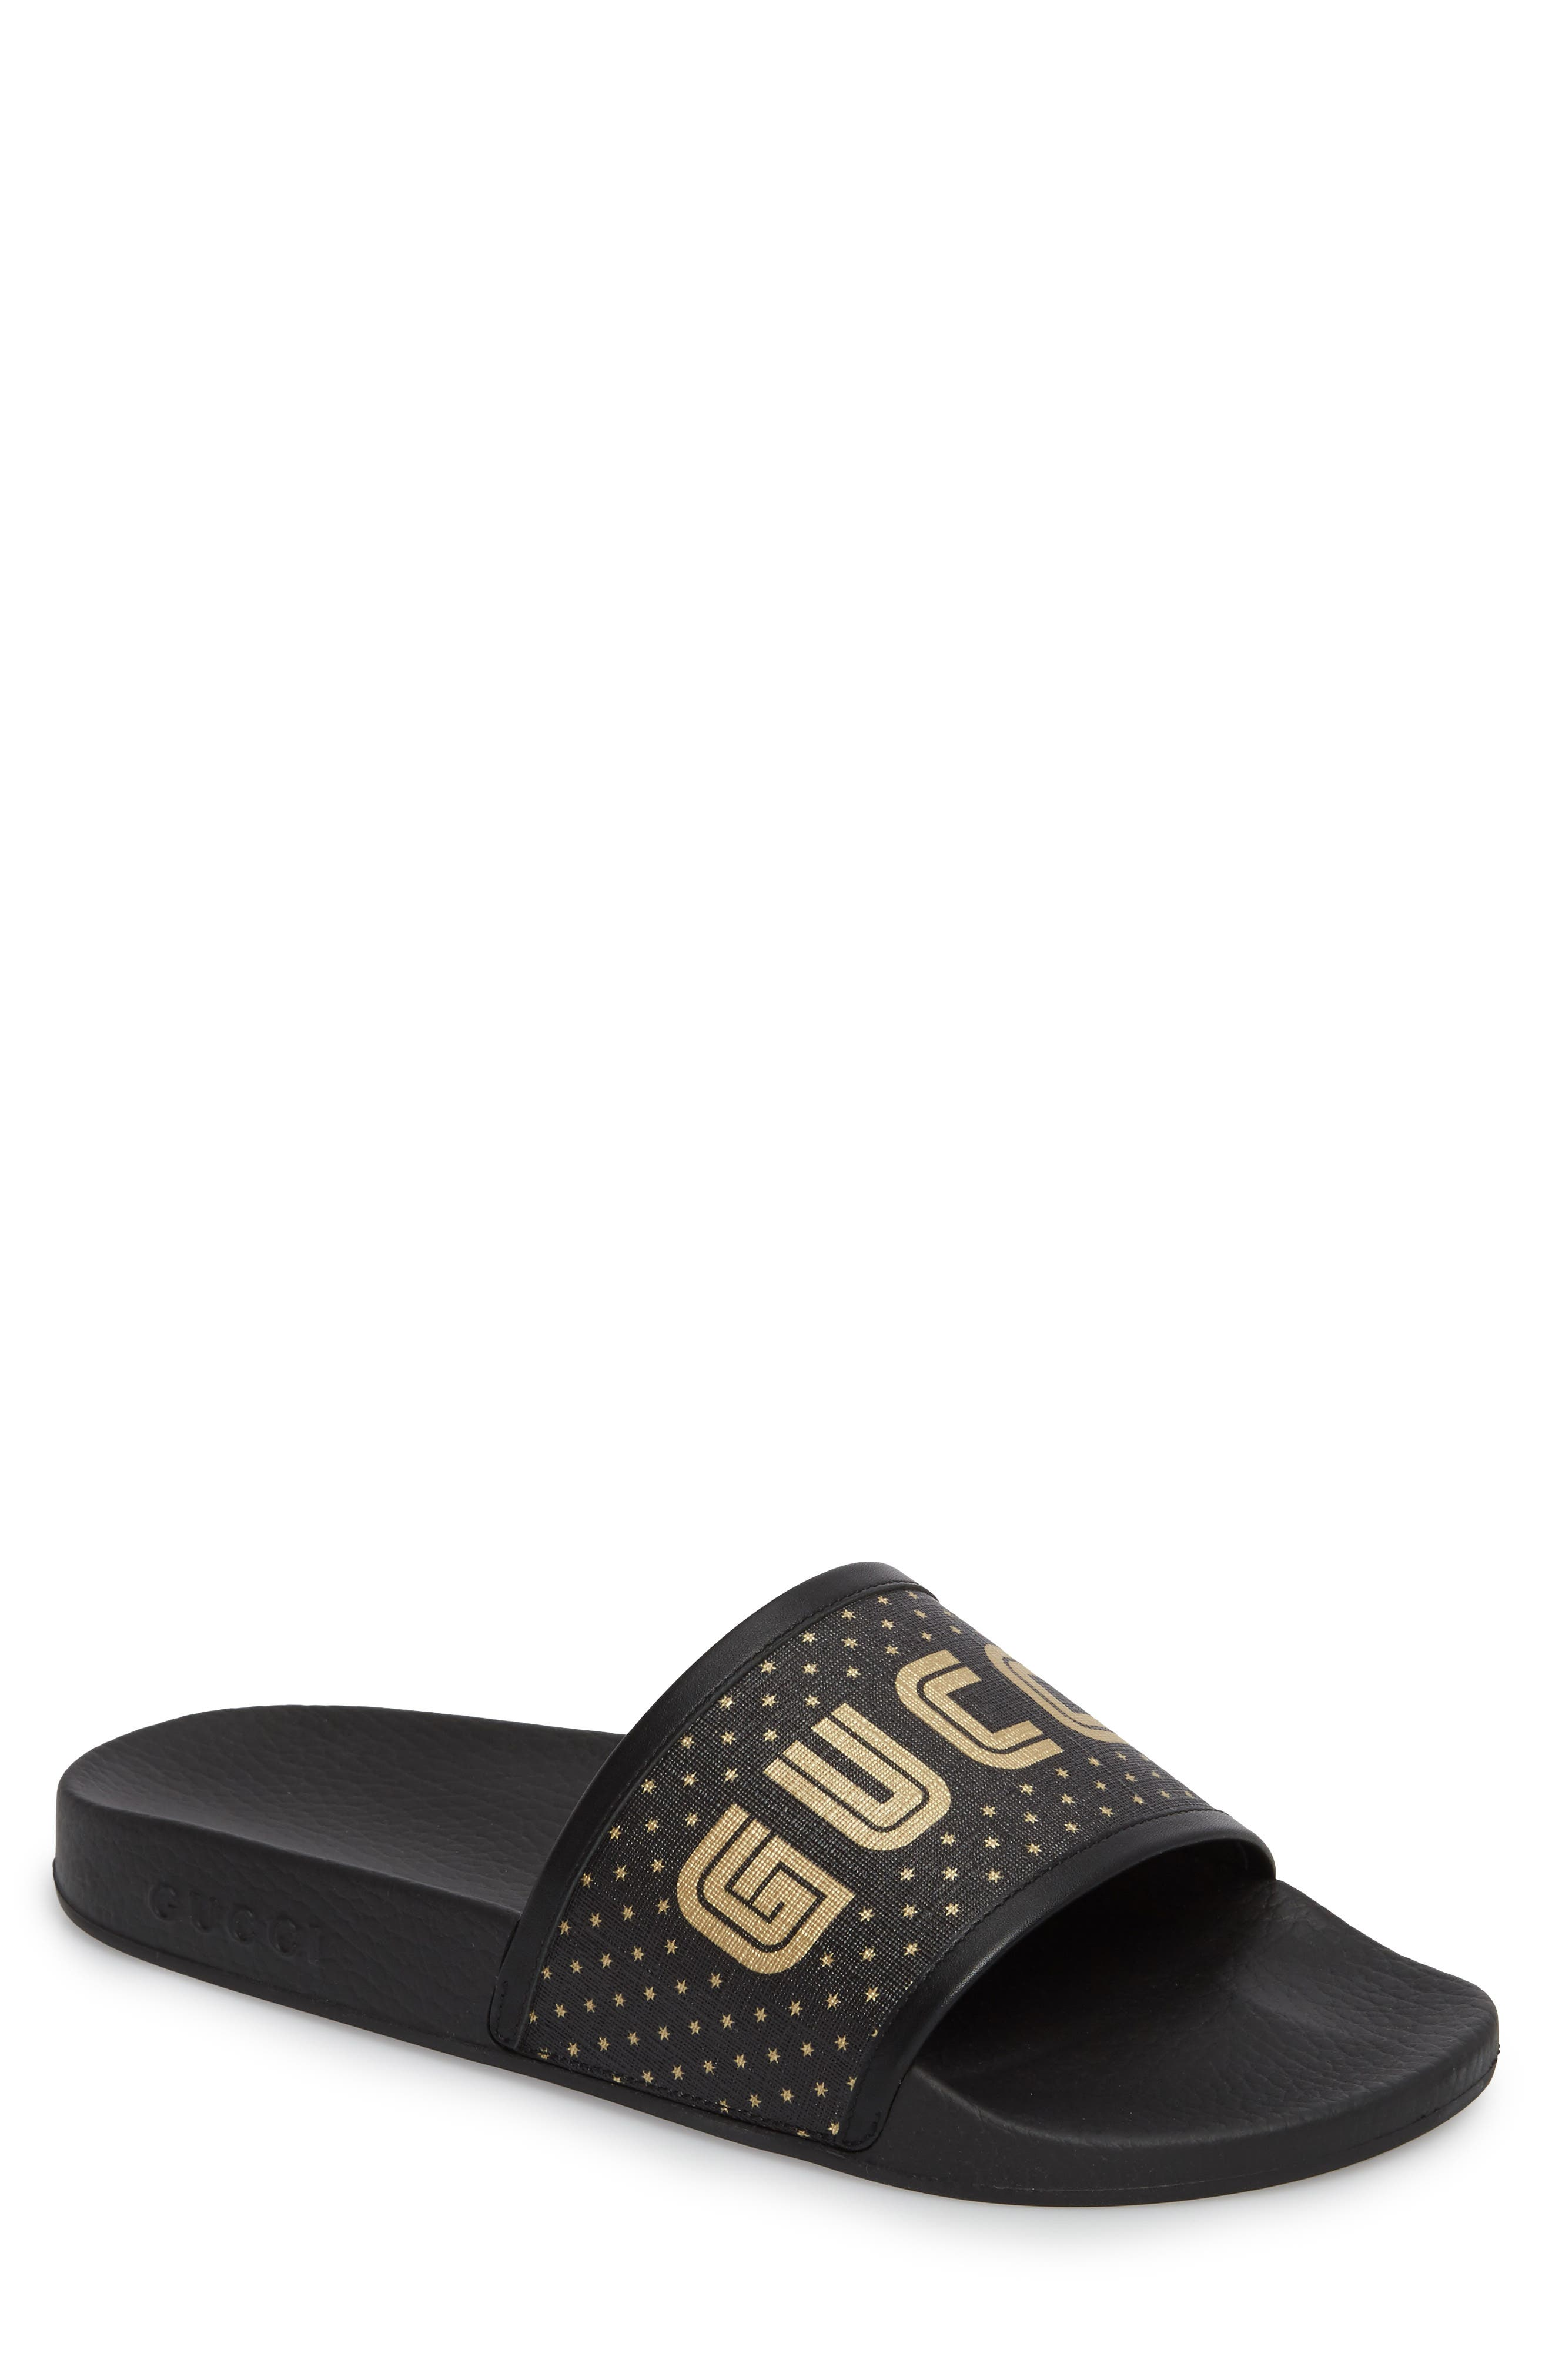 Pursuit Guccy Slide Sandal,                         Main,                         color, Nero